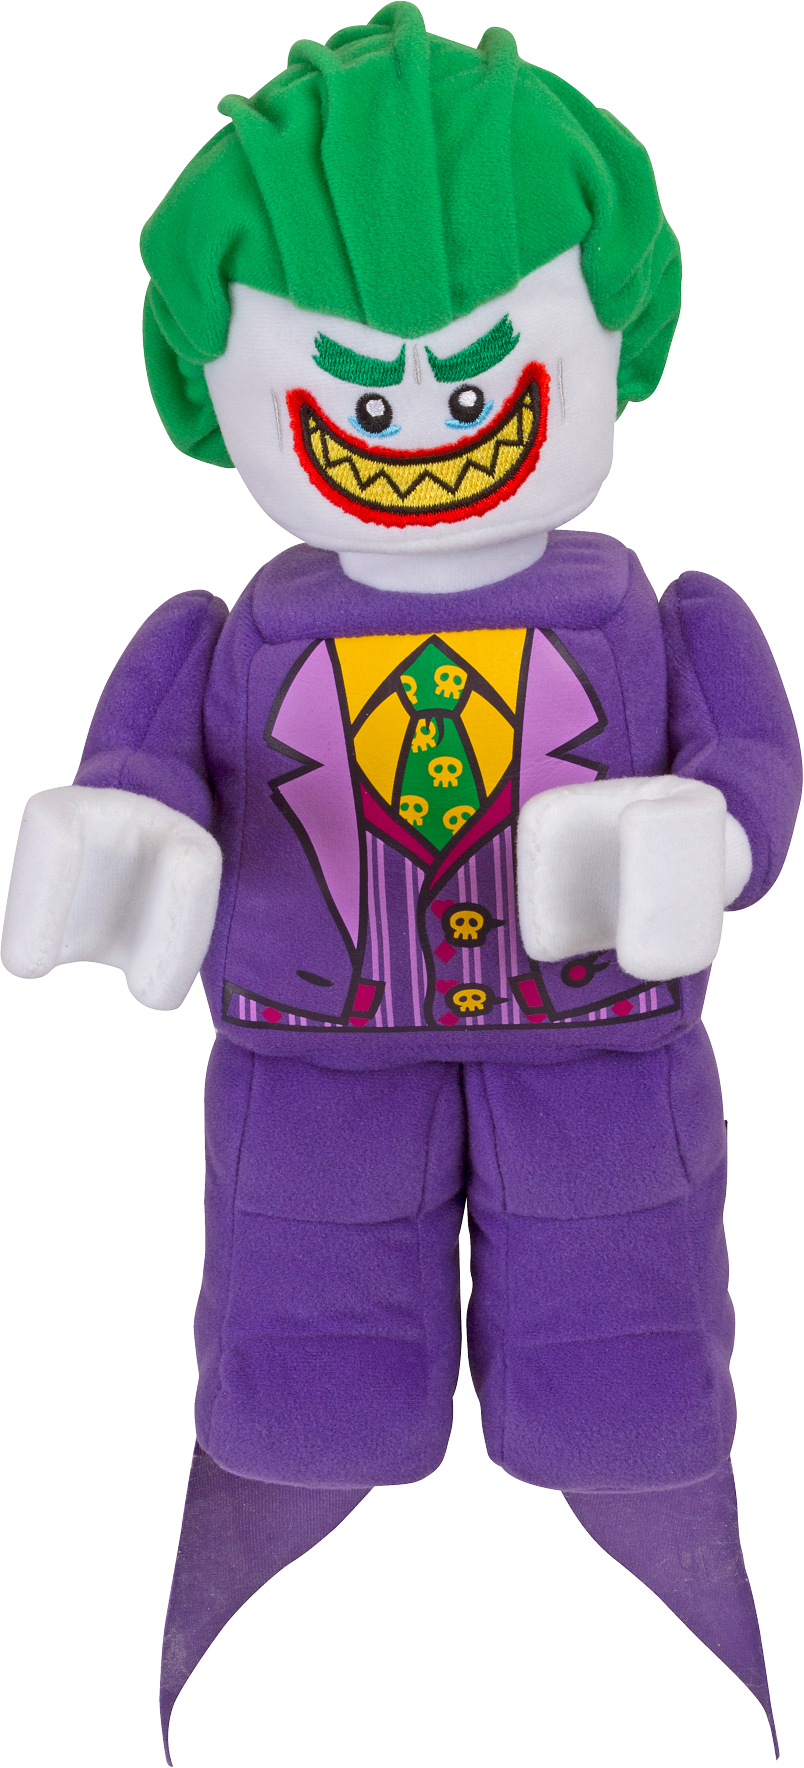 The Joker™ Minifigure Plush